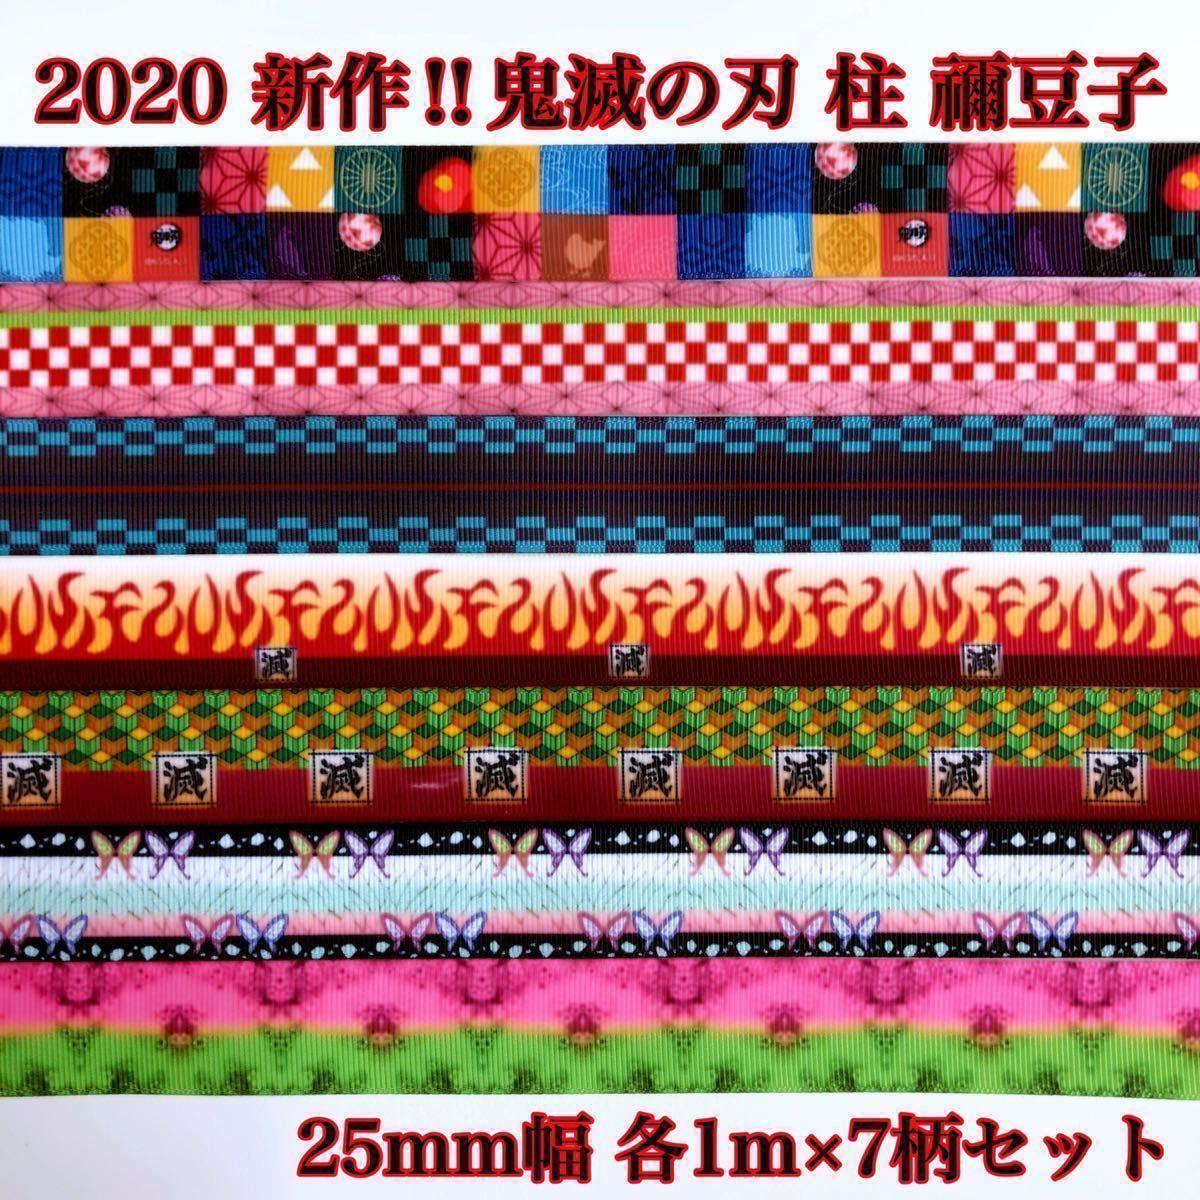 2020 新作!! グログランリボン 鬼滅の刃 柱 禰豆子 各1m×7柄 7mセット 25mm ハンドメイド資材 ヘアゴム 1m90円_画像1